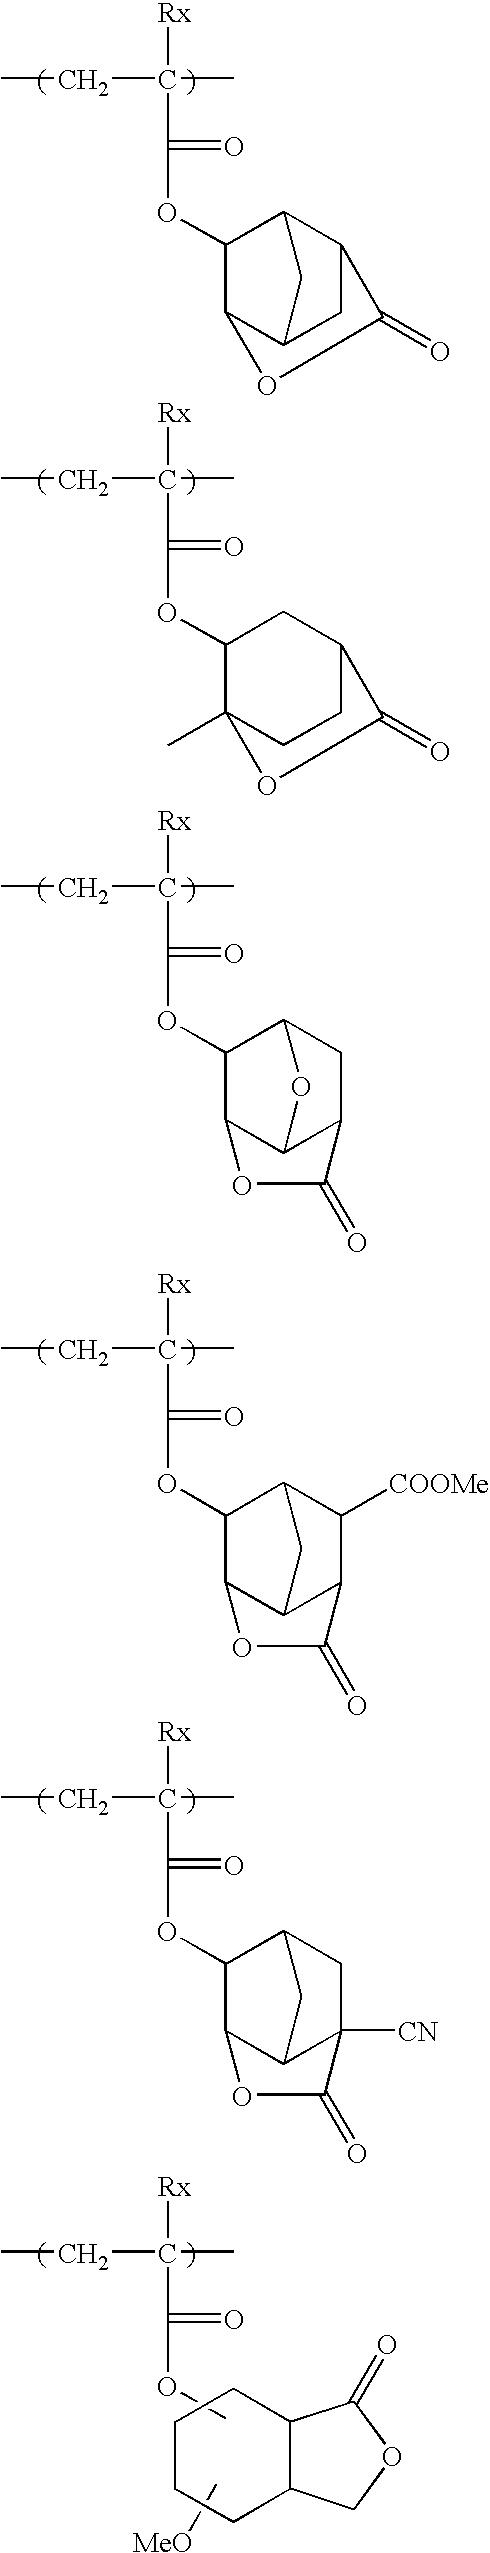 Figure US07998655-20110816-C00021